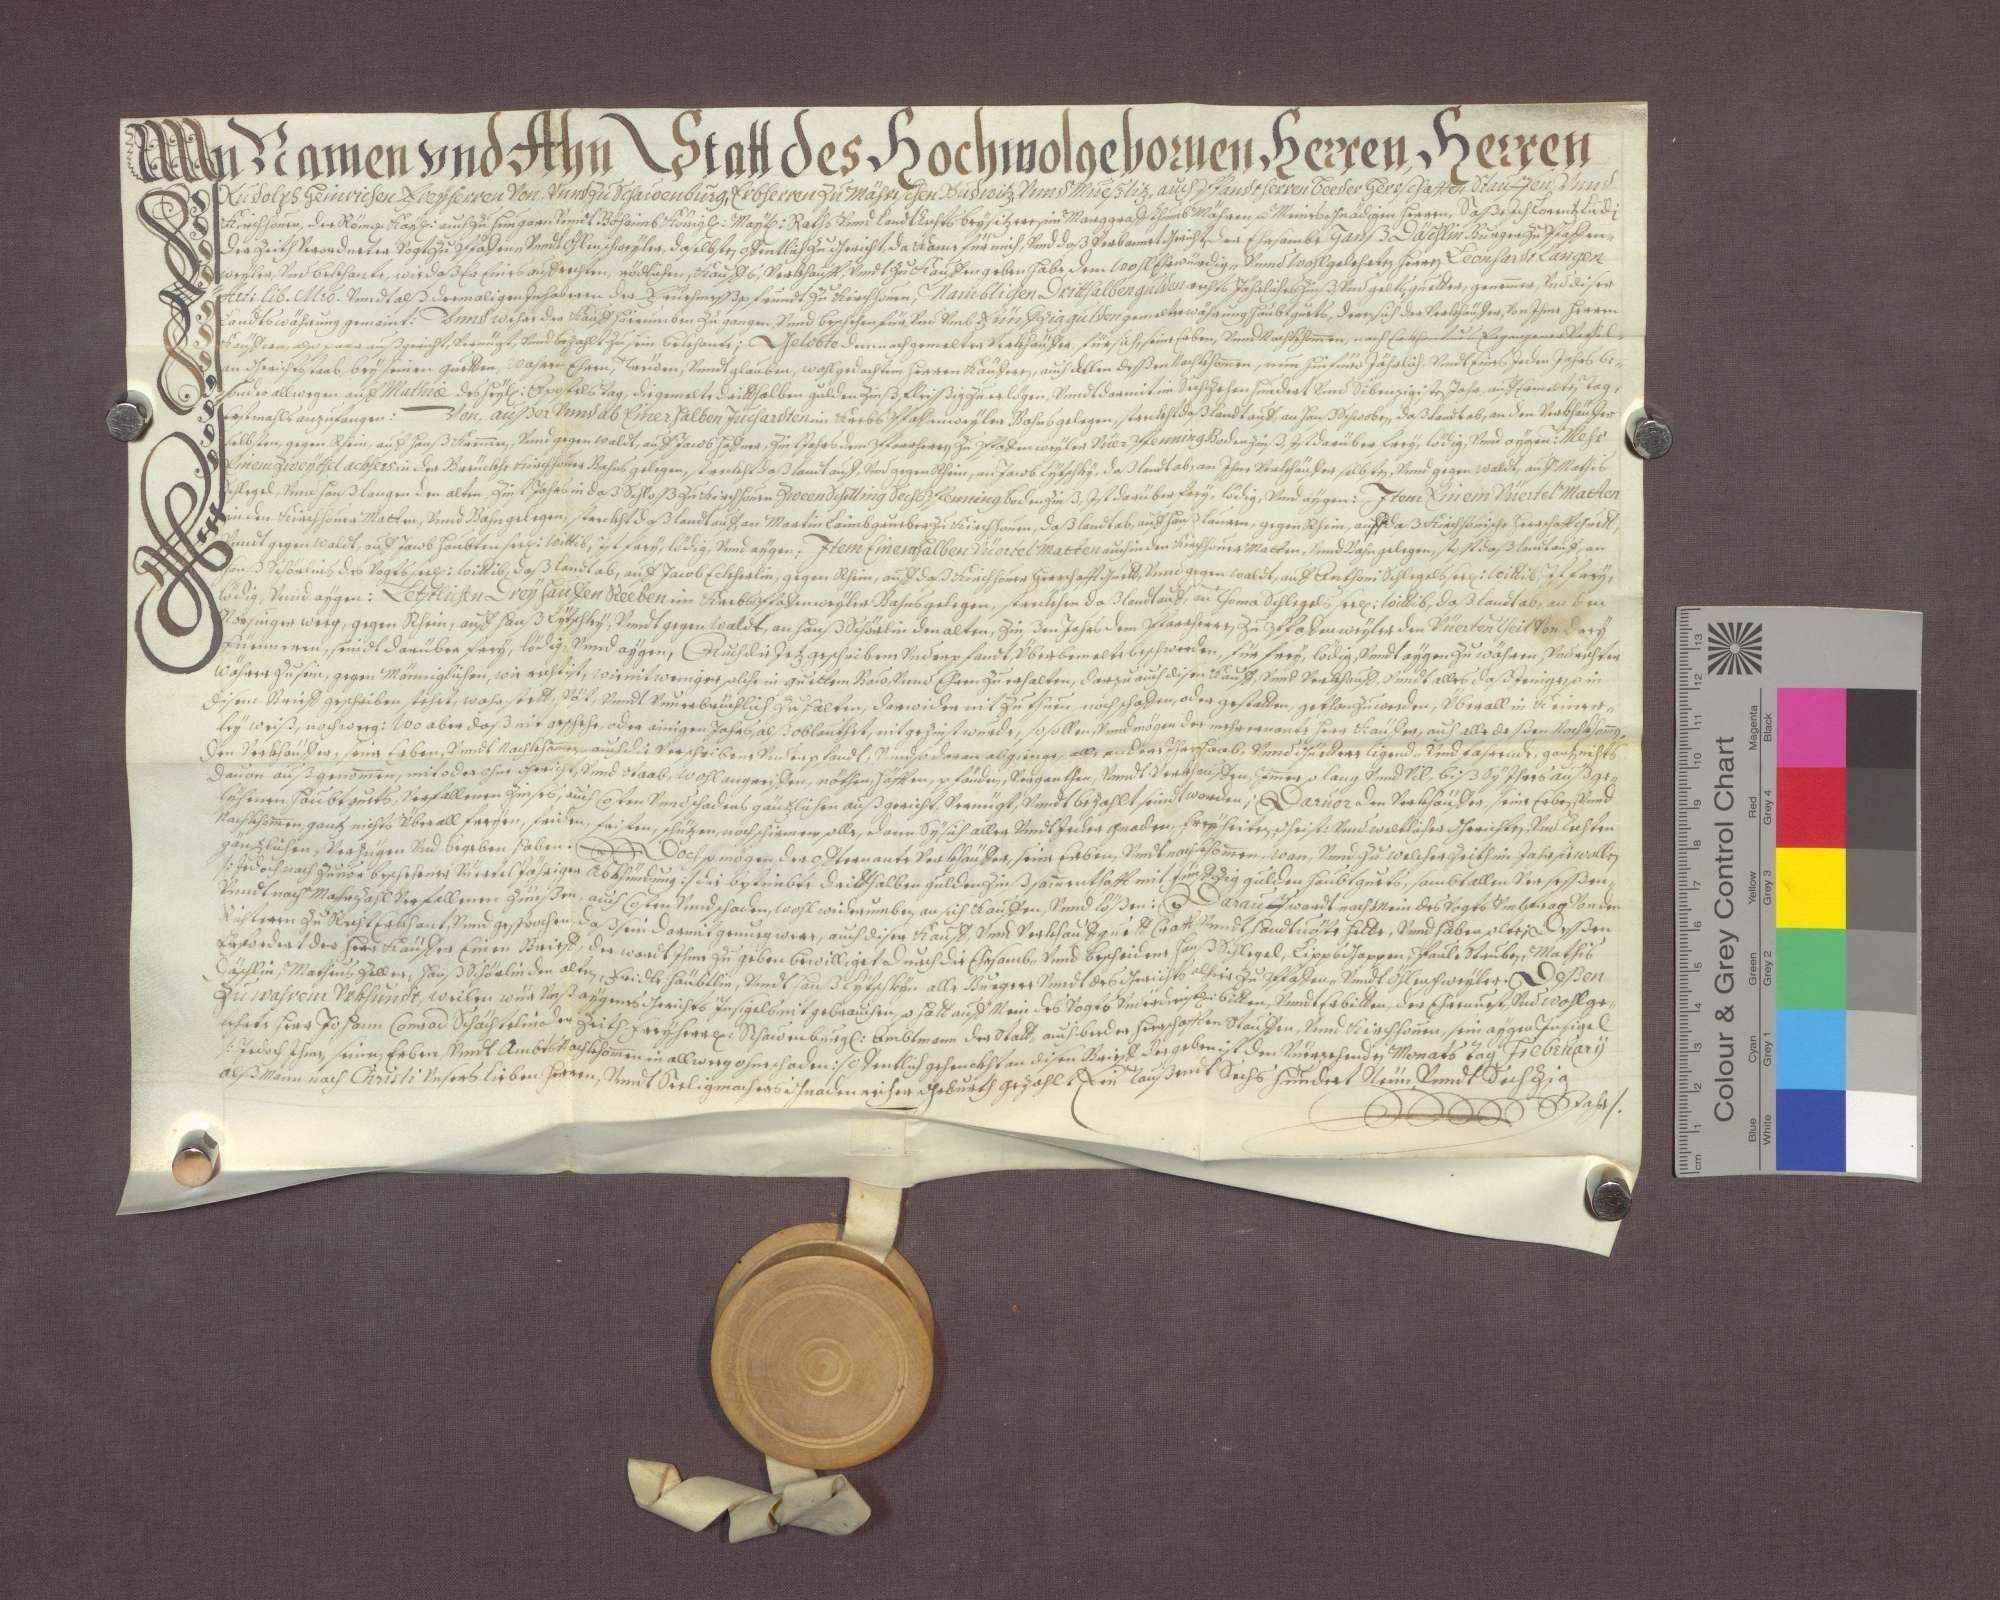 Schuldverschreibung des Hans Däschlin zu Pfaffenweiler gegenüber der Frühmesse zu Kirchhofen., Bild 1